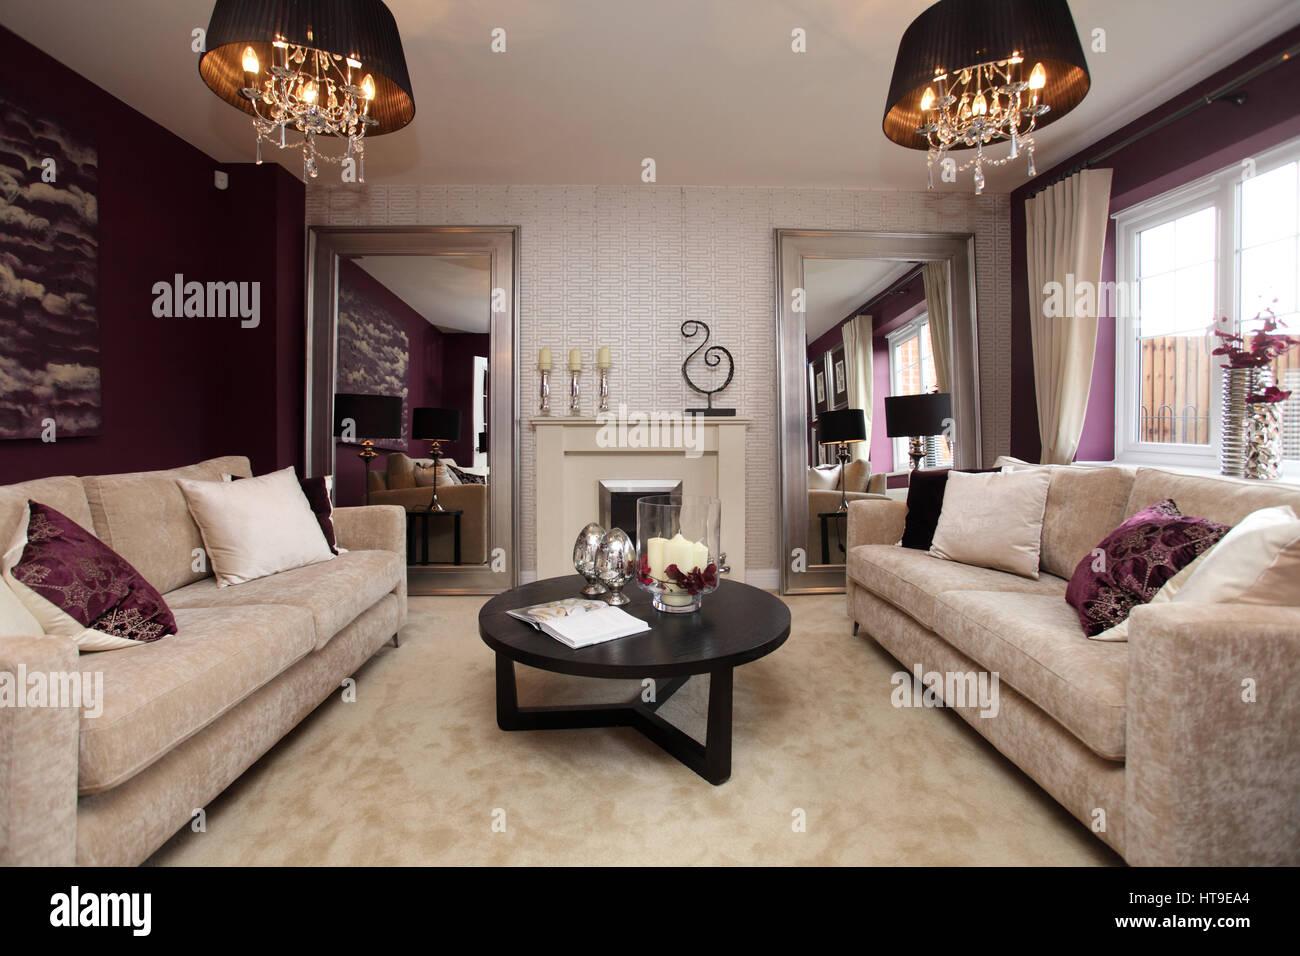 Home Interieur Salon Salle De Sejour Un Decor Violet